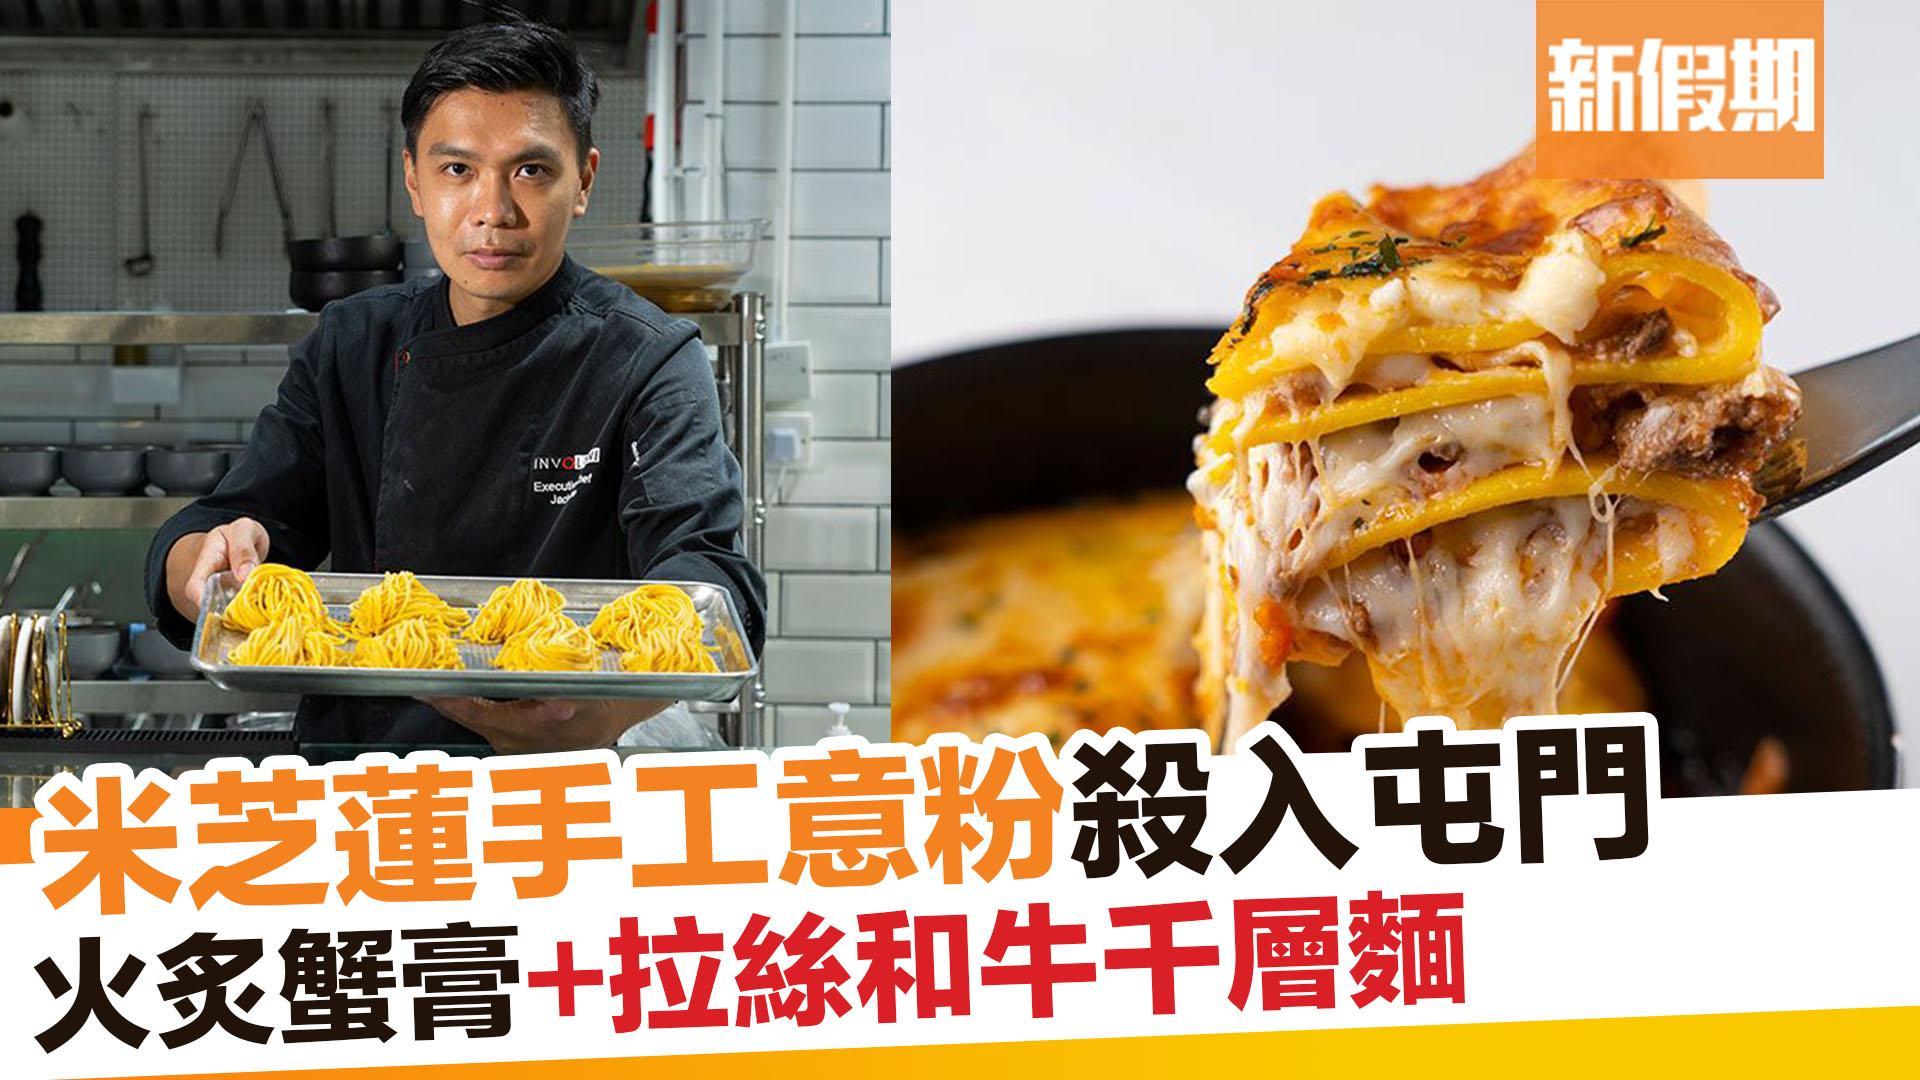 【區區搵食】JEP by Involtini 必吃手造意粉 Carbonara+拉絲和牛千層麵! 新假期